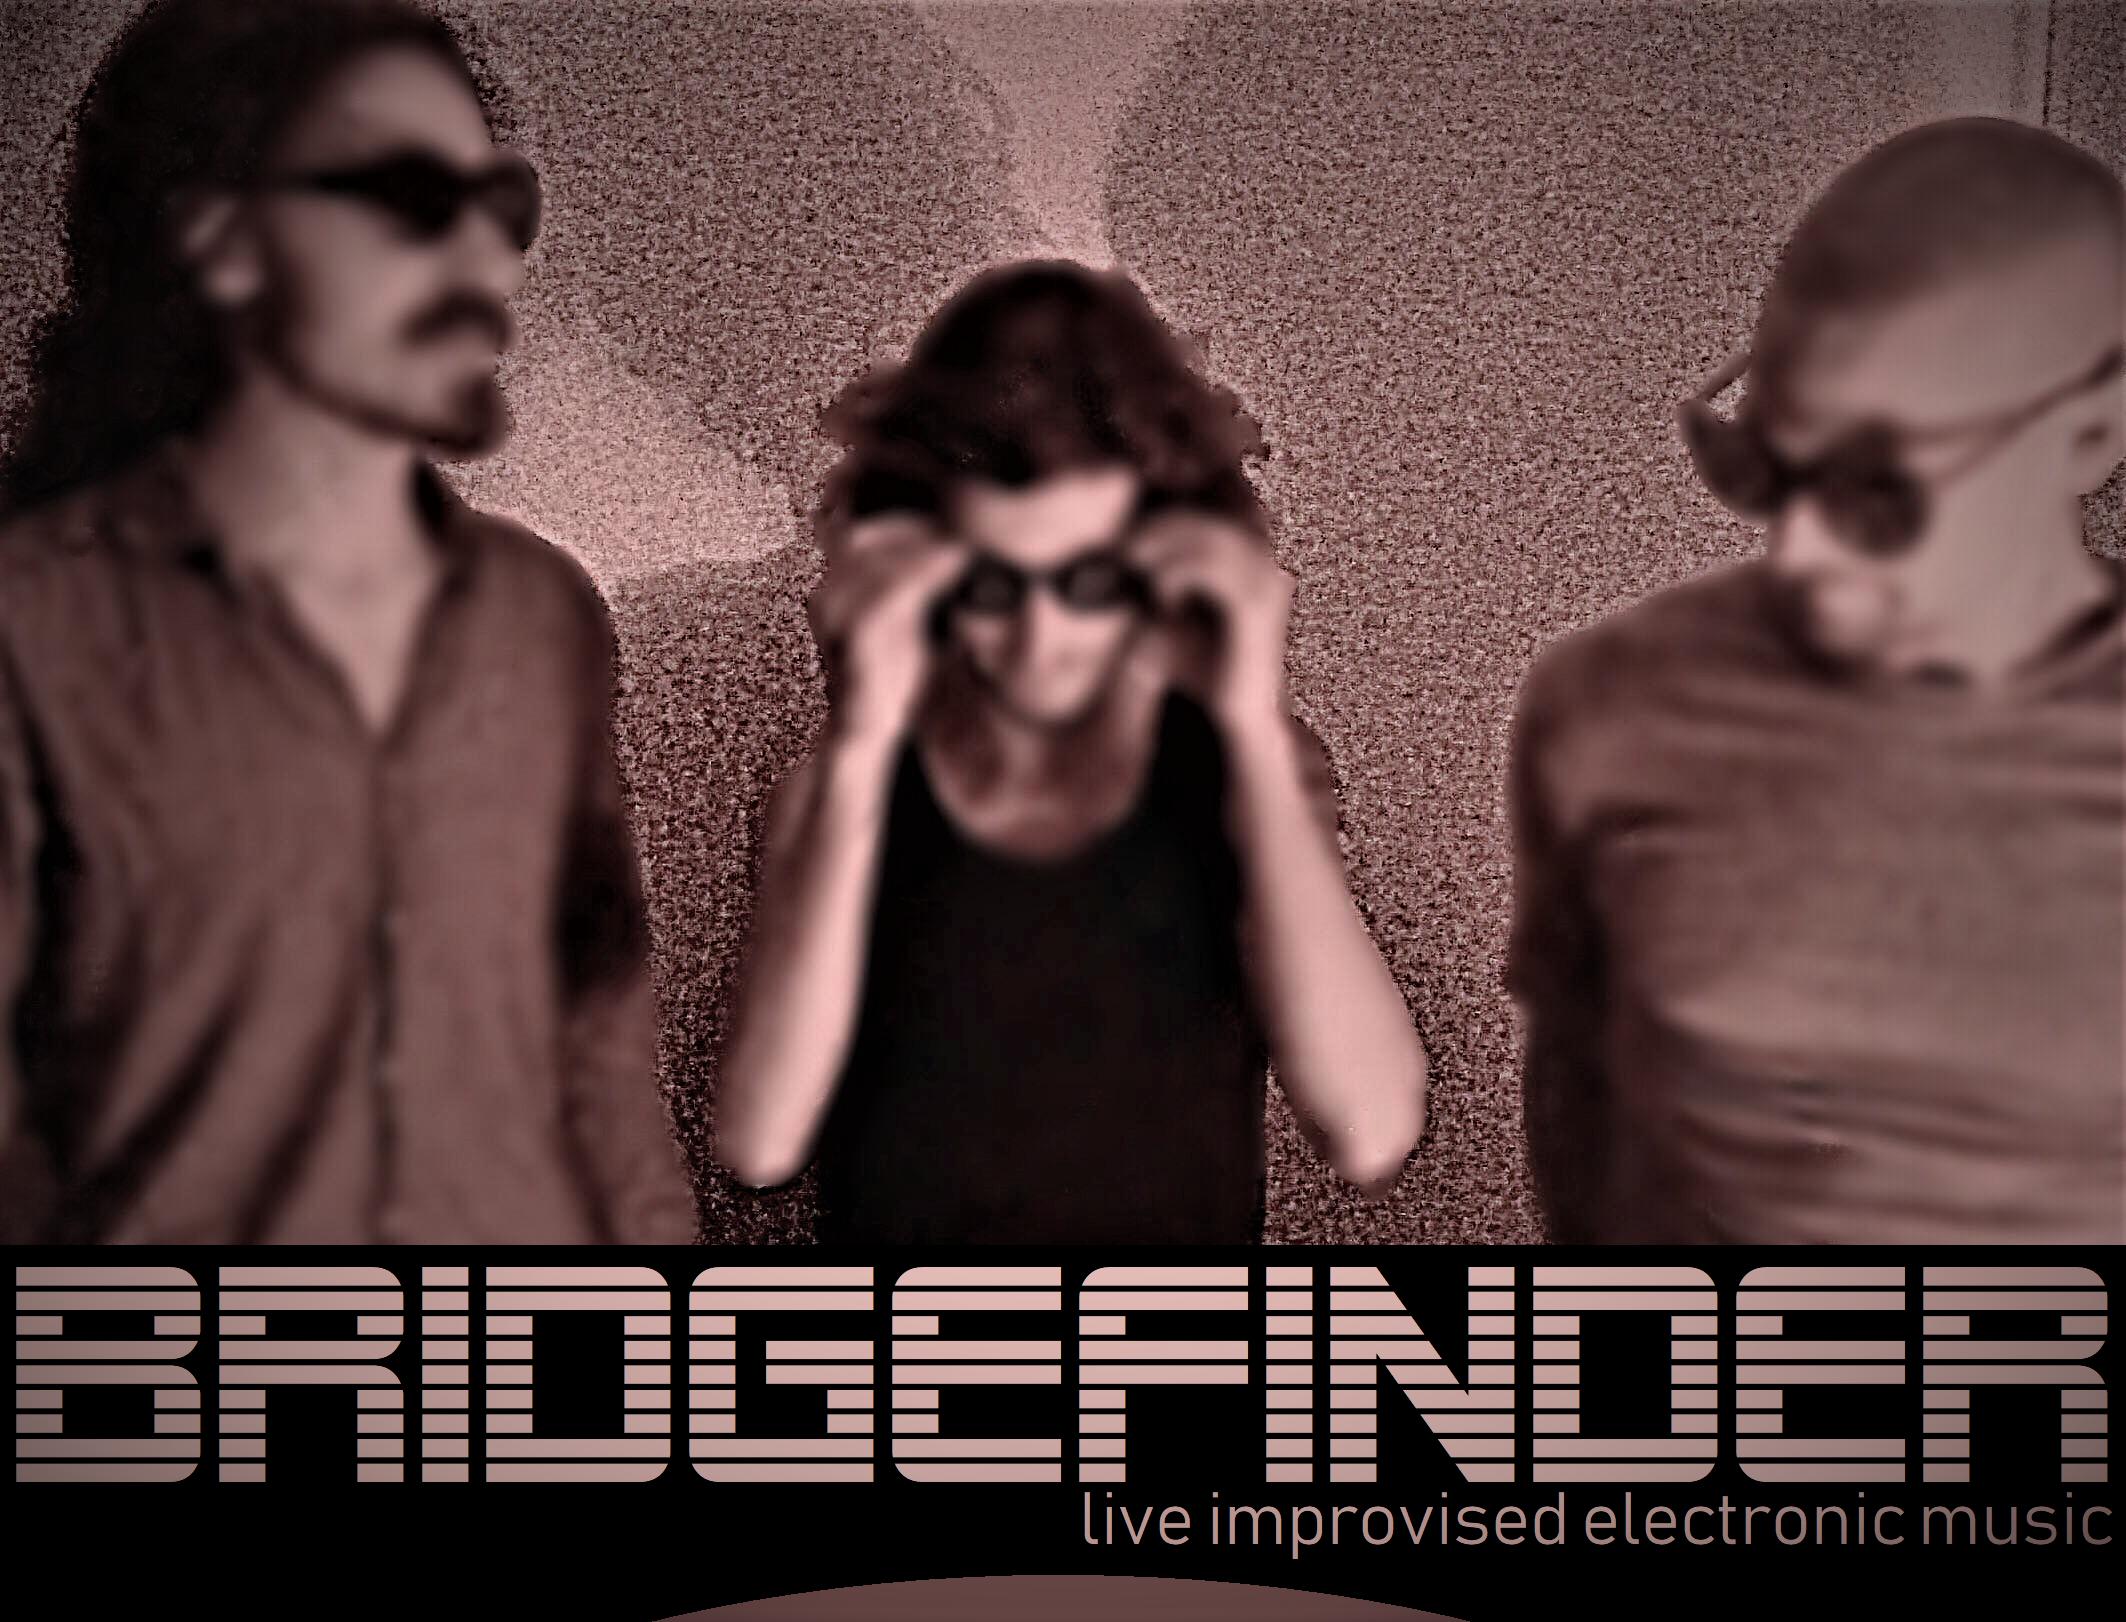 BRIDGEFINDER